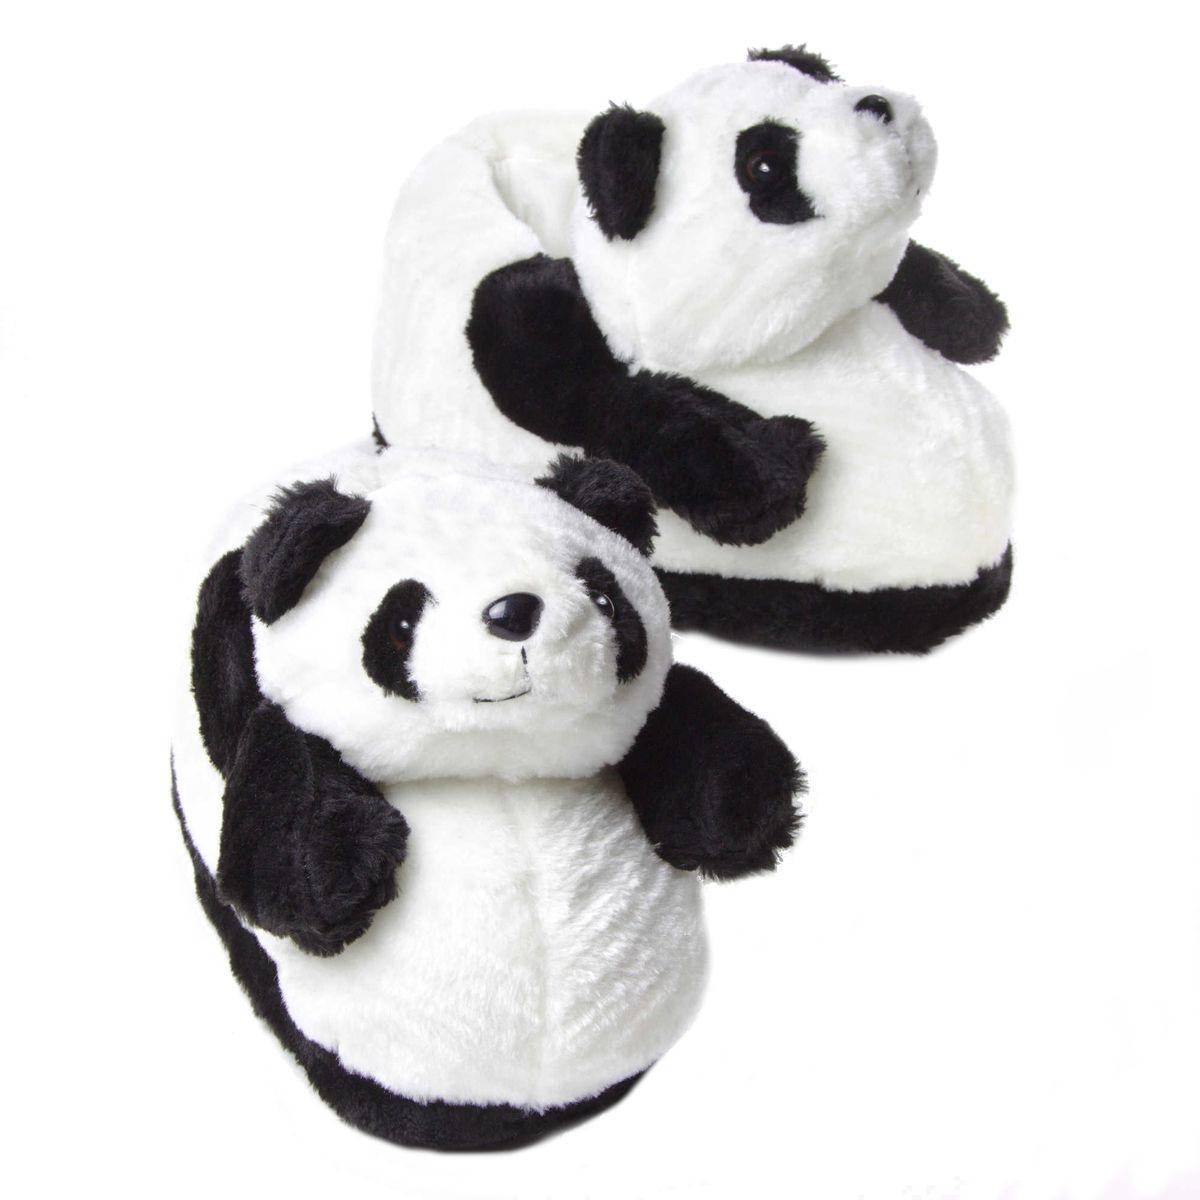 Chaussons animaux peluche Panda